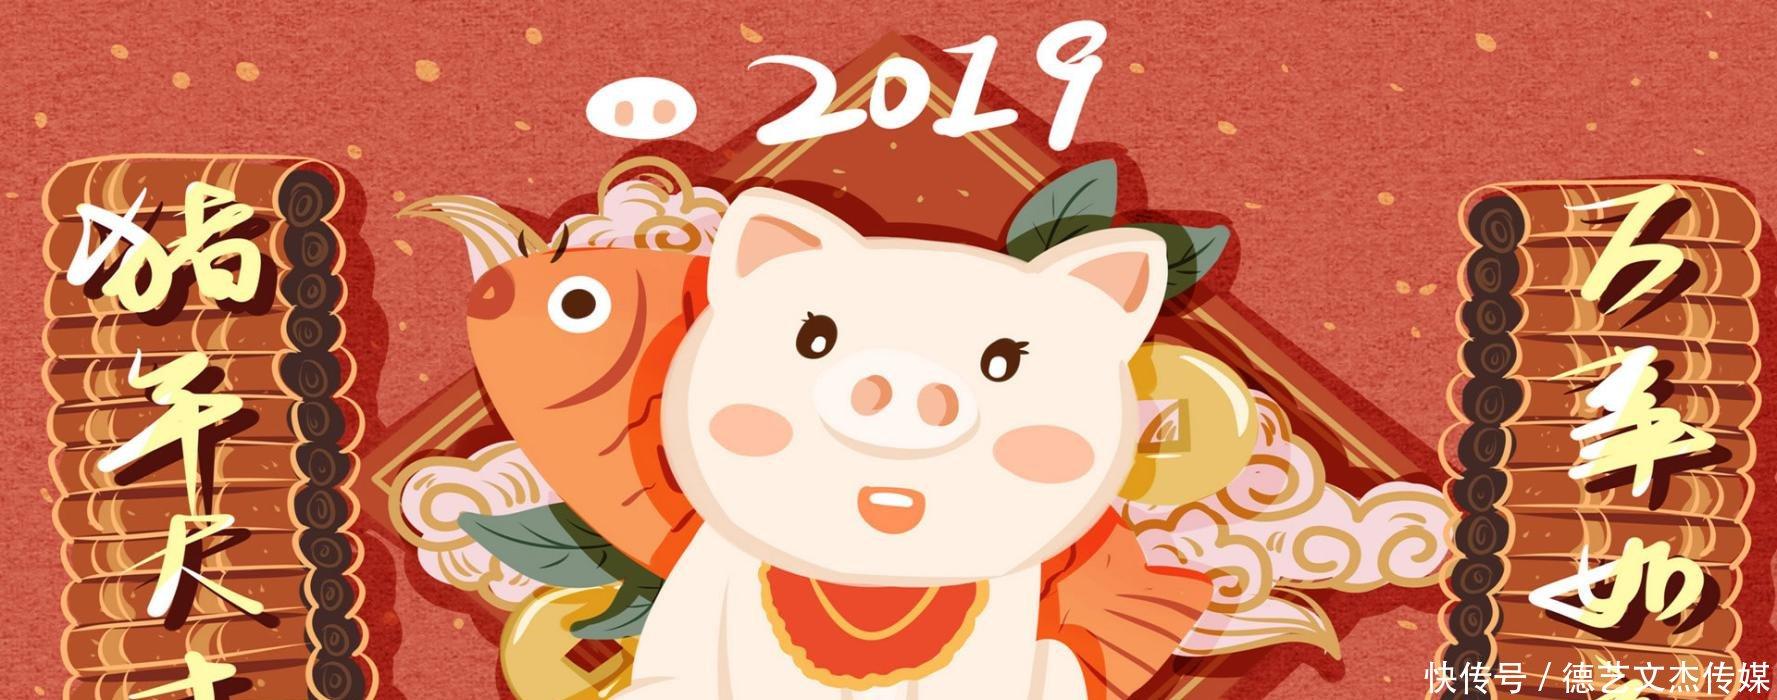 2019年元旦祝福语大全,元旦送给朋友的问候语精简语句